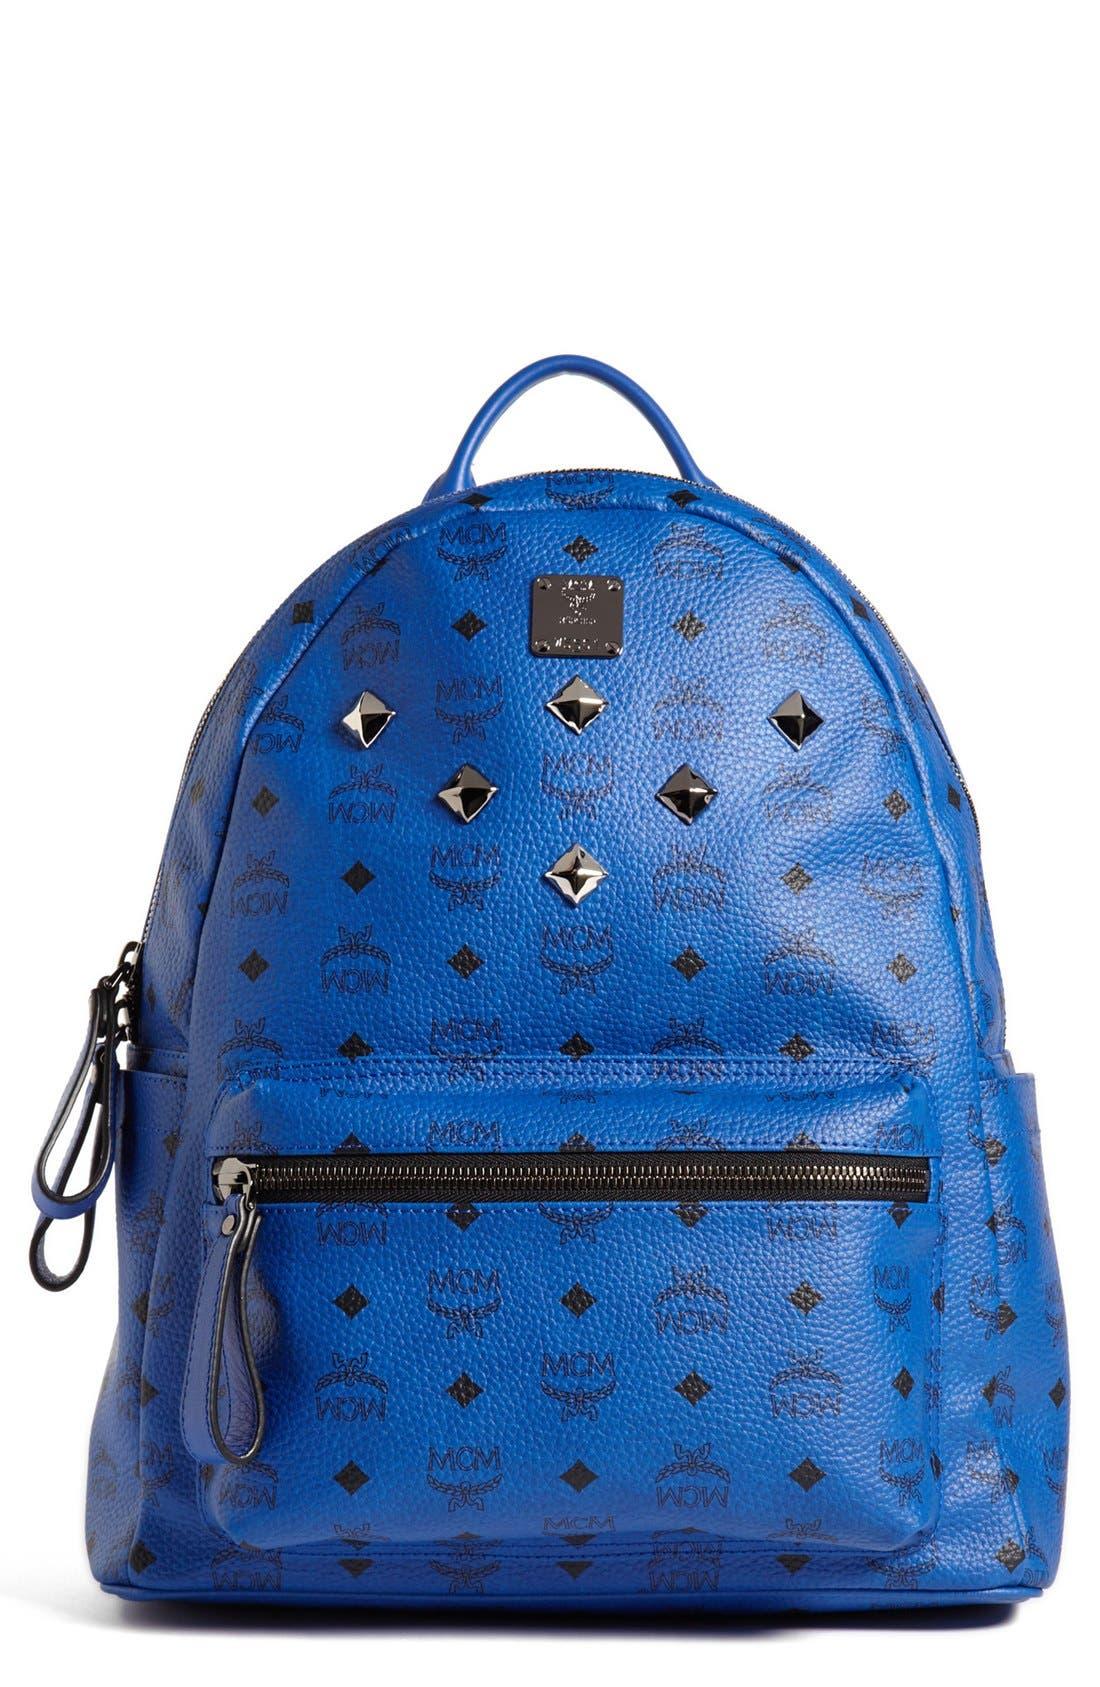 Main Image - MCM 'Sprinkle Stud - Medium' Coated Canvas Backpack